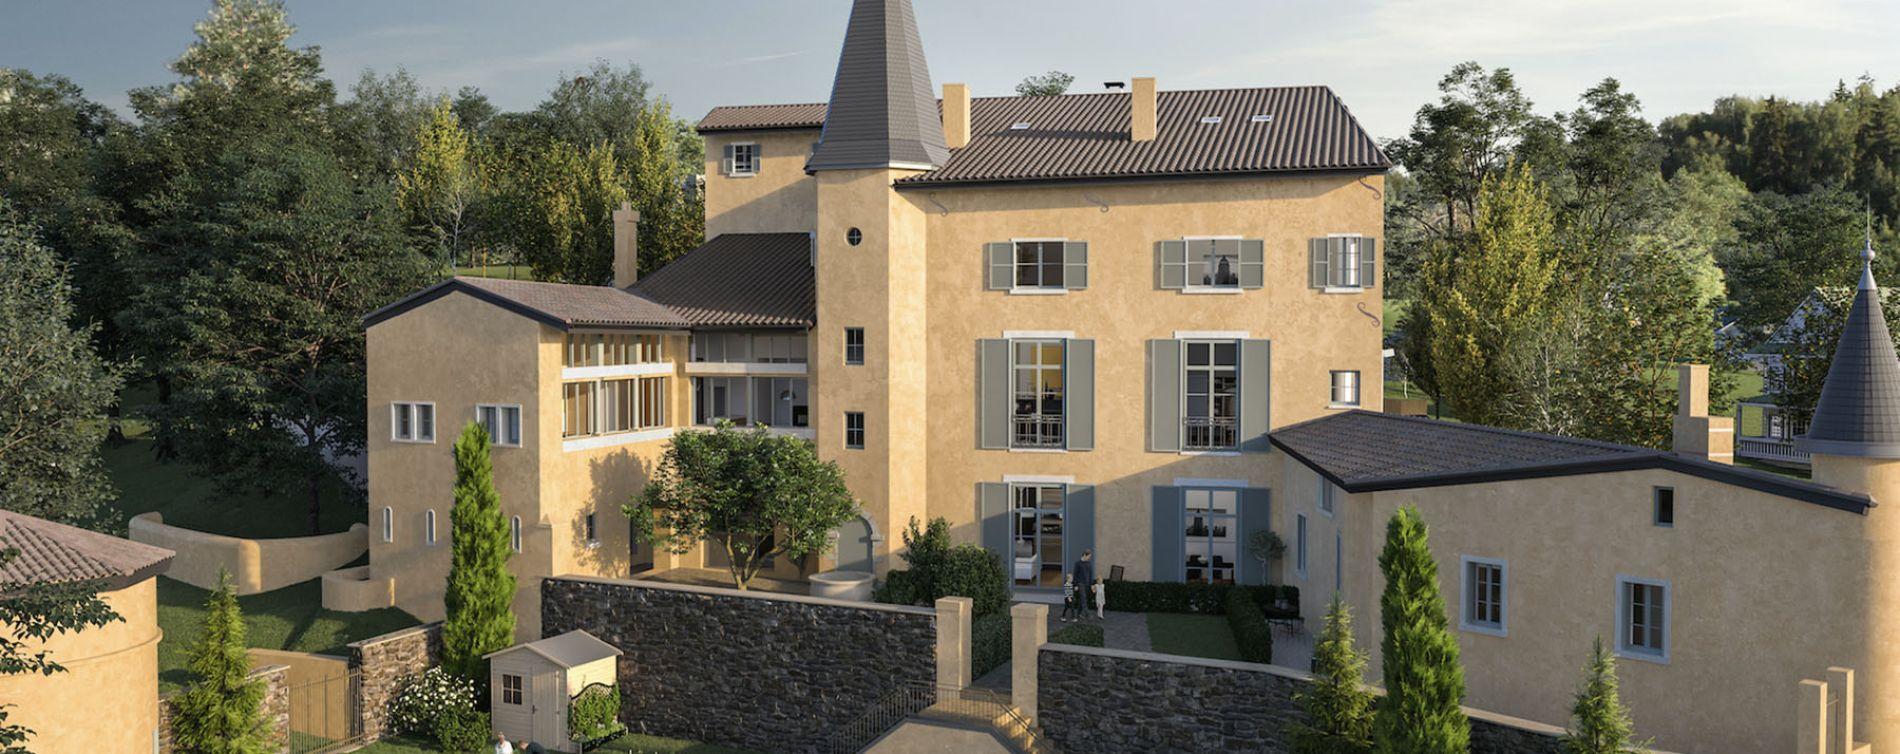 Albigny-sur-Saône : programme immobilier à rénover « Château Bel Air » en Déficit Foncier